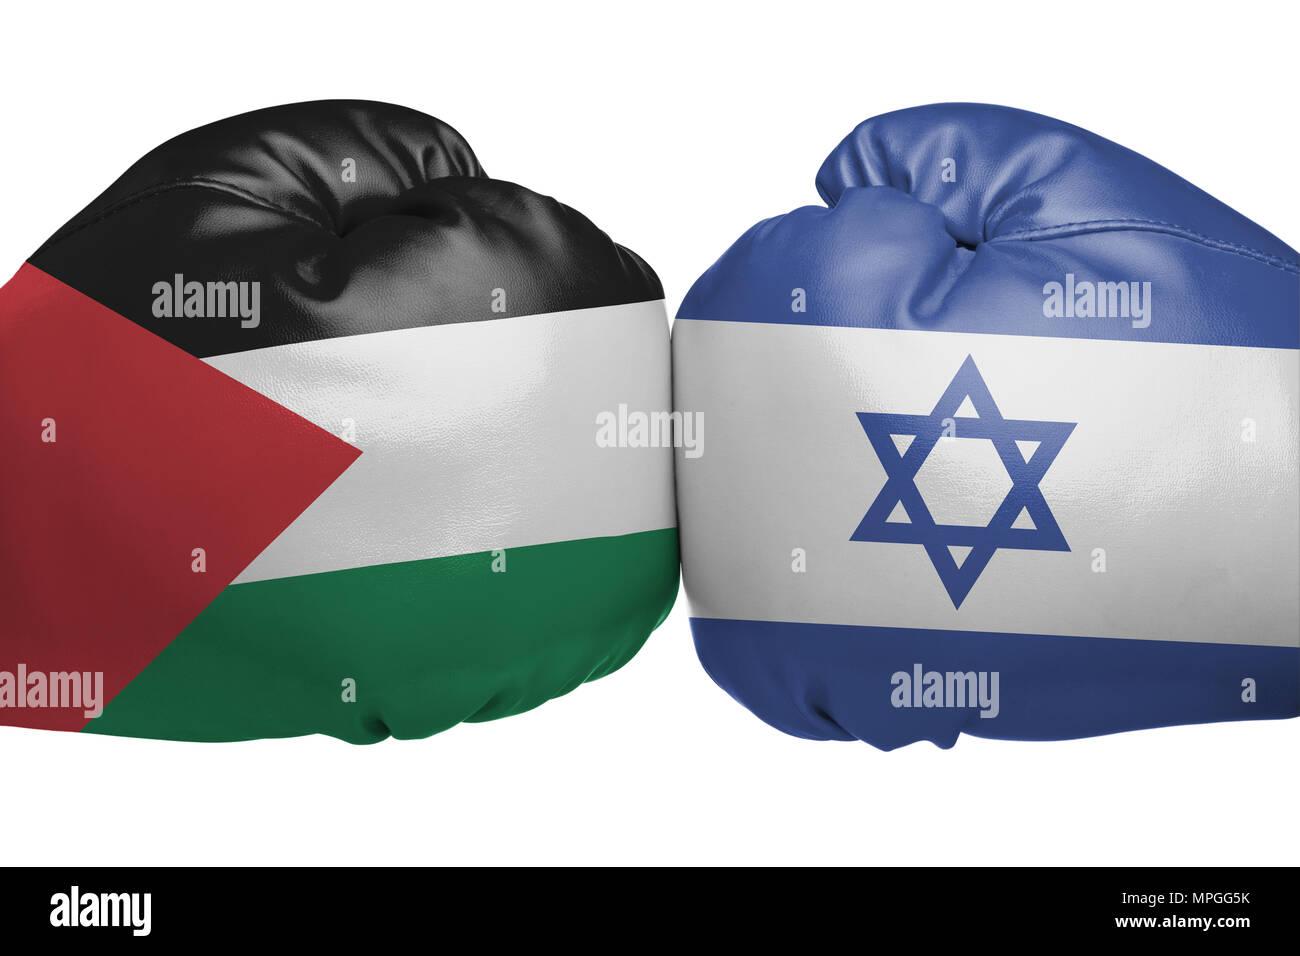 Nahaufnahme der Boxhandschuhe mit Israel und der palästinensische Staat Flagge Symbole auf weißem Hintergrund Stockbild